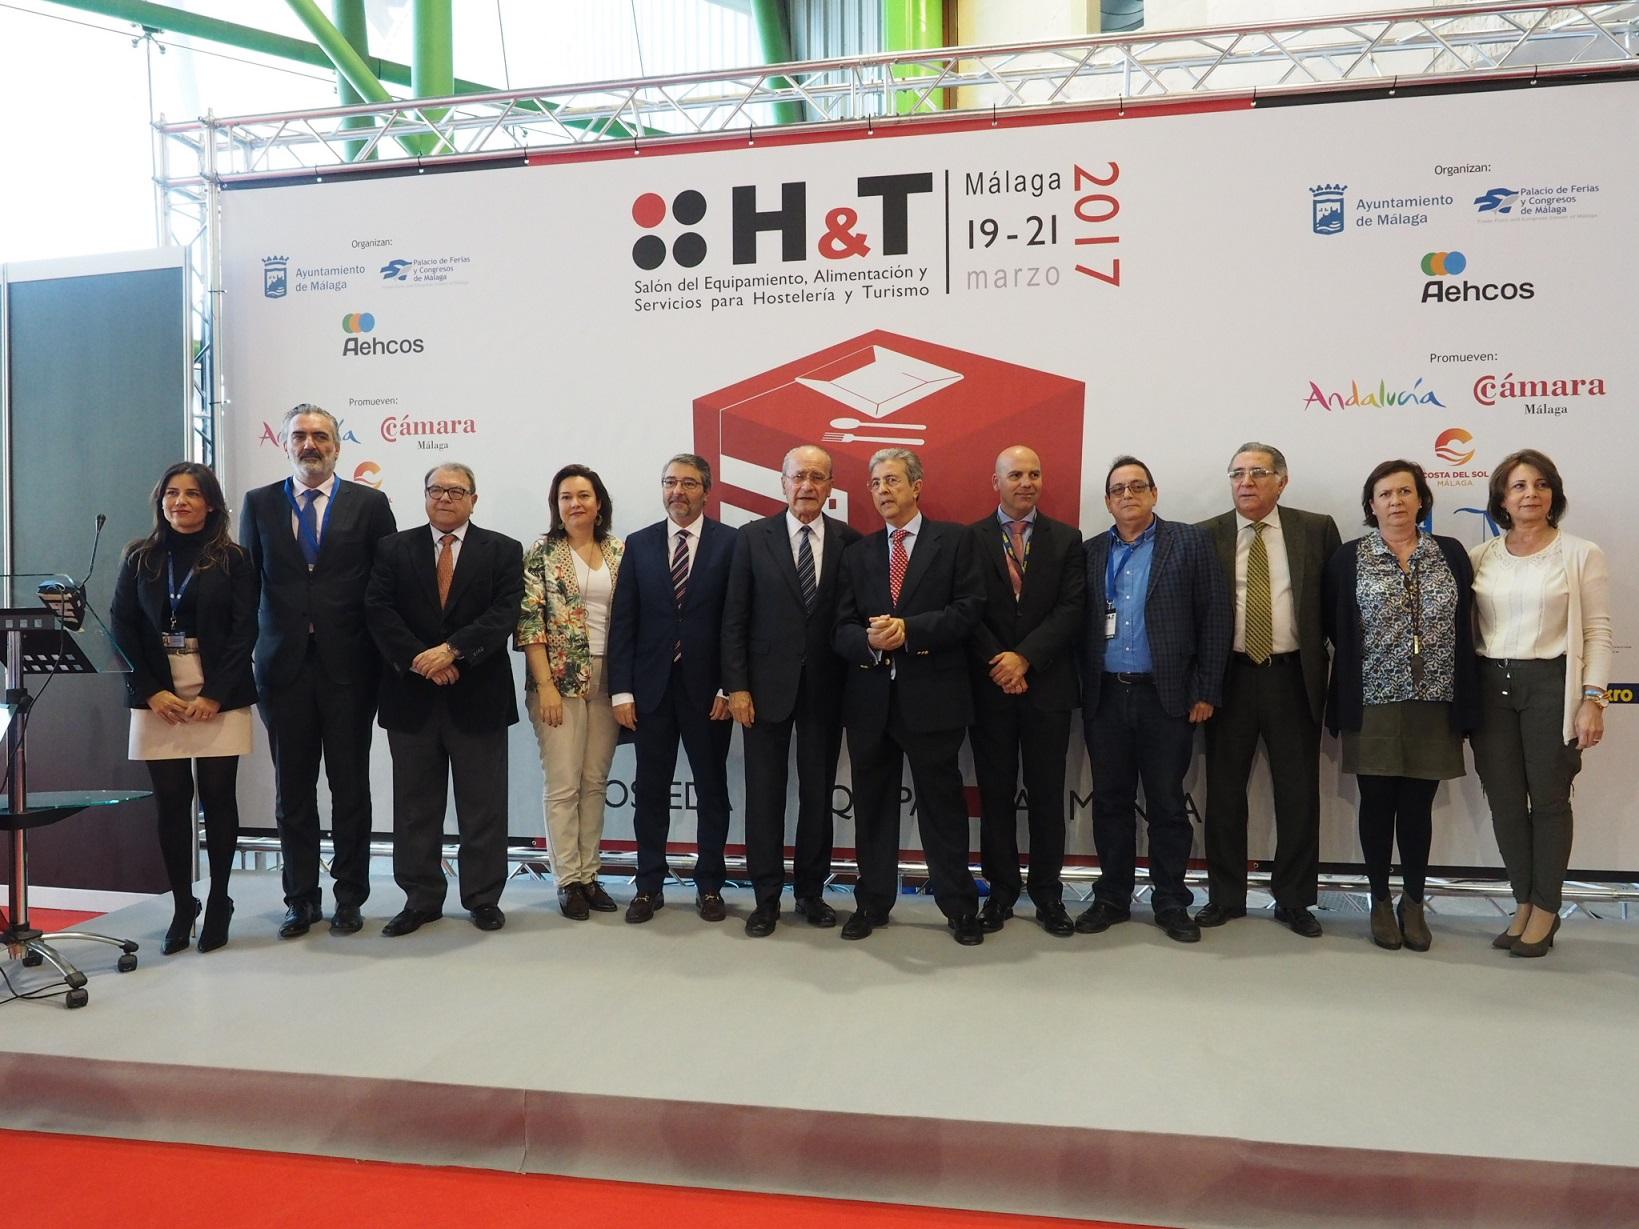 Los sectores de la hostelería y el turismo reivindican la calidad en el arranque del salón H&T